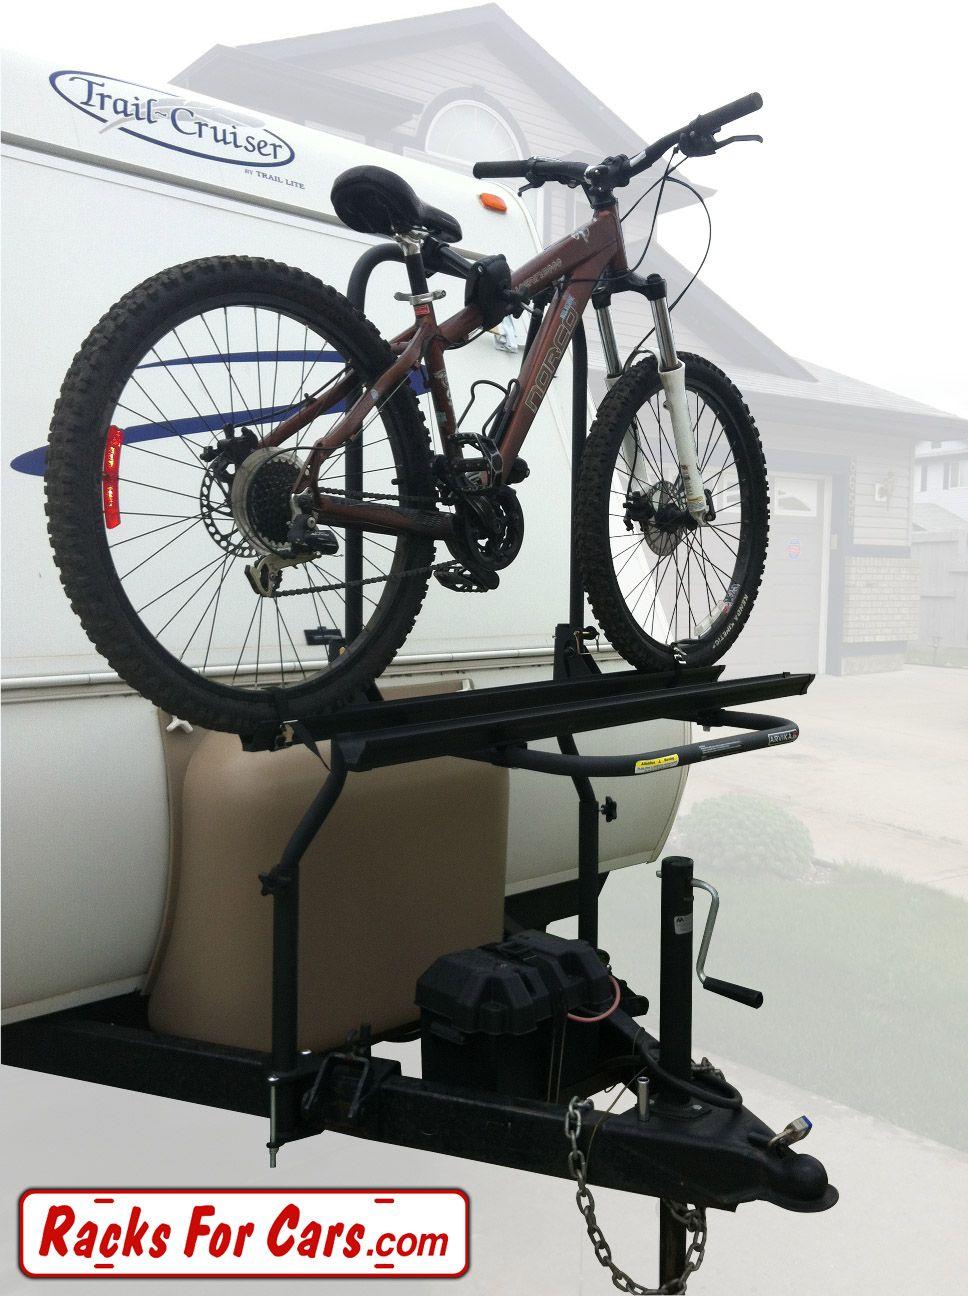 Arvika 2 Bike Rack On Travel Trailer With Bike Loaded Left View Rv Bike Rack Bike Rack Bike